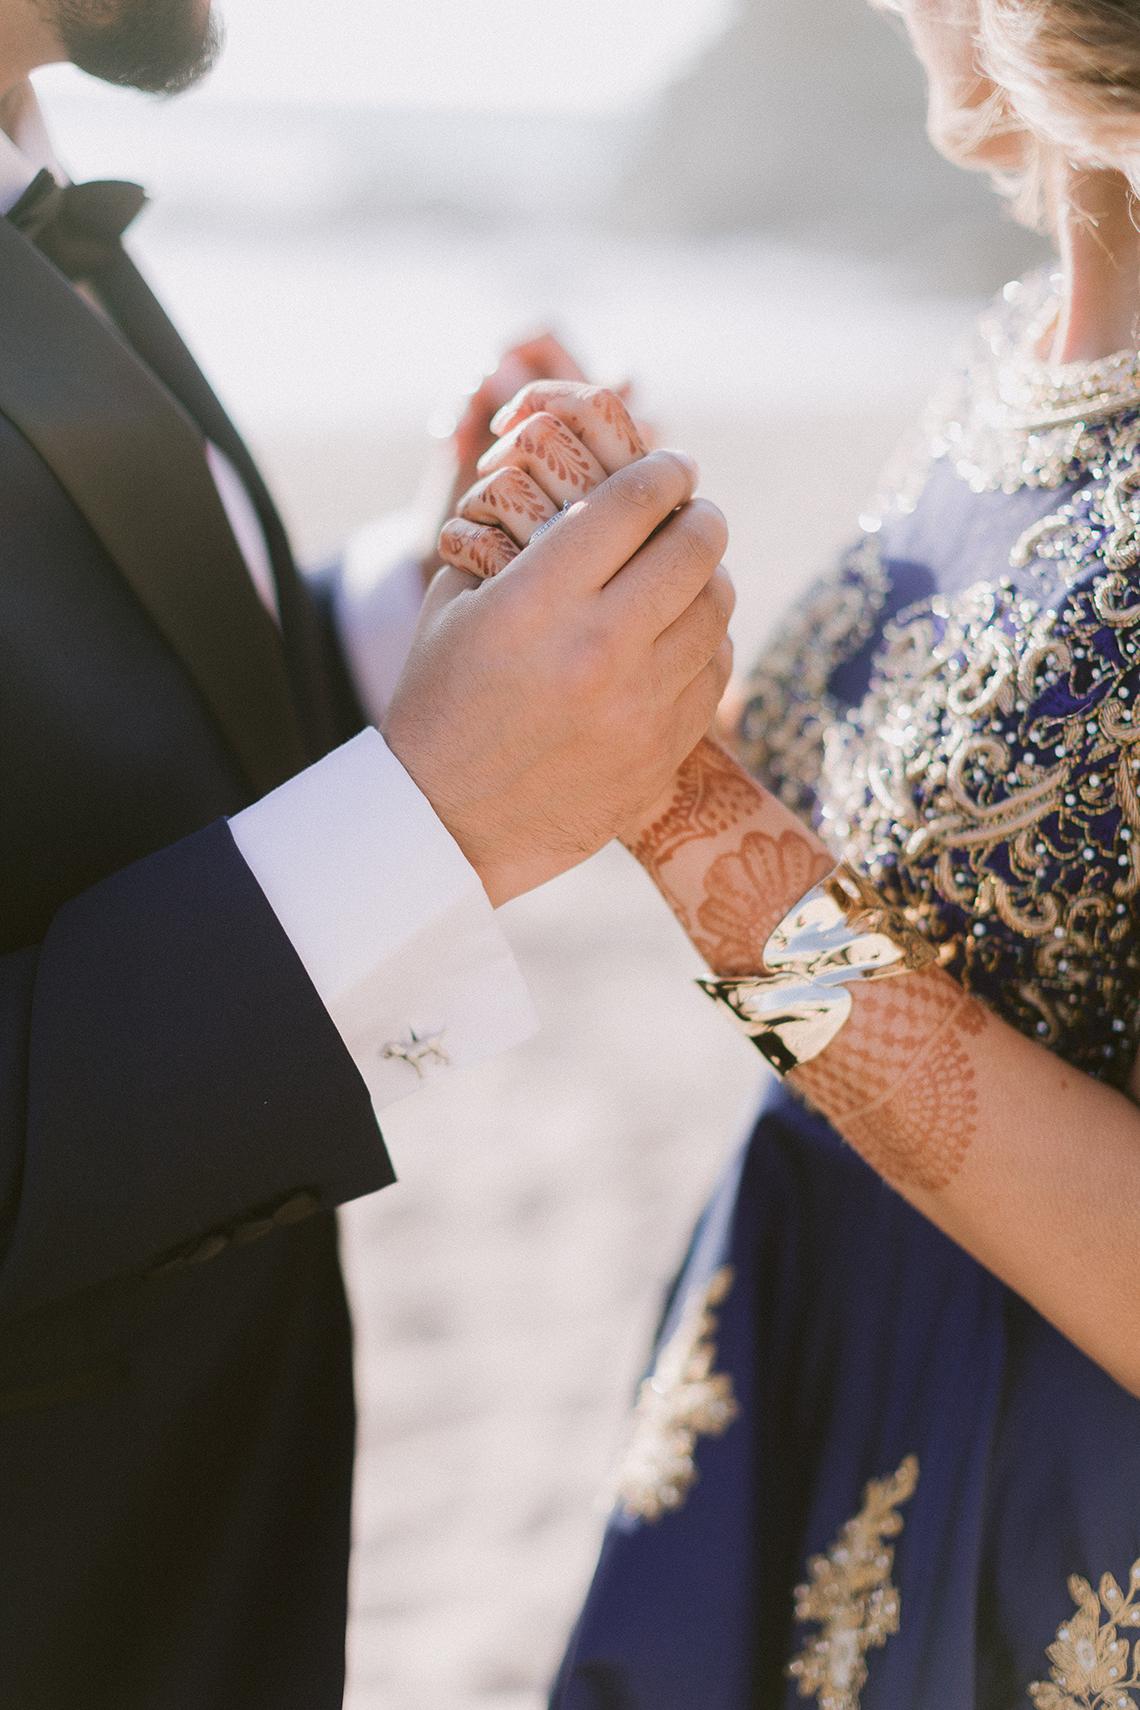 Hindu Destination Wedding in Portugal – Portugal Wedding Photographer 37